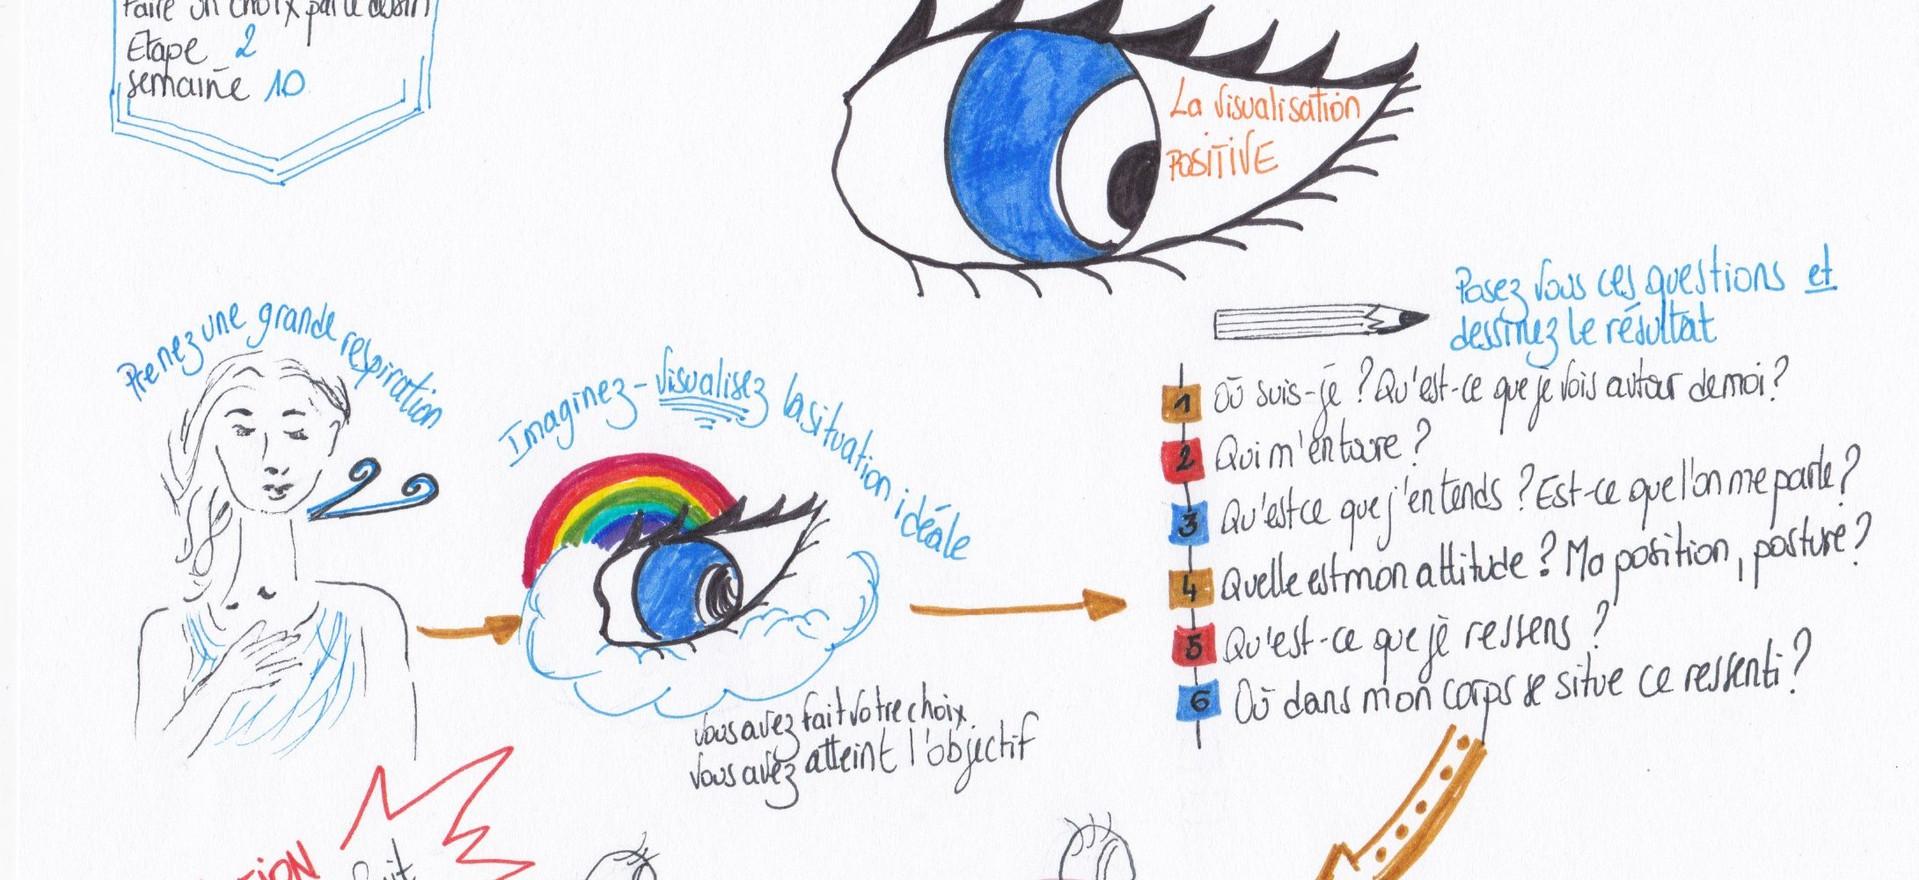 Exercice La visualisation positive du projet /programme faire un choix - DrawthelightFacilitation-Gaëtane Perrault